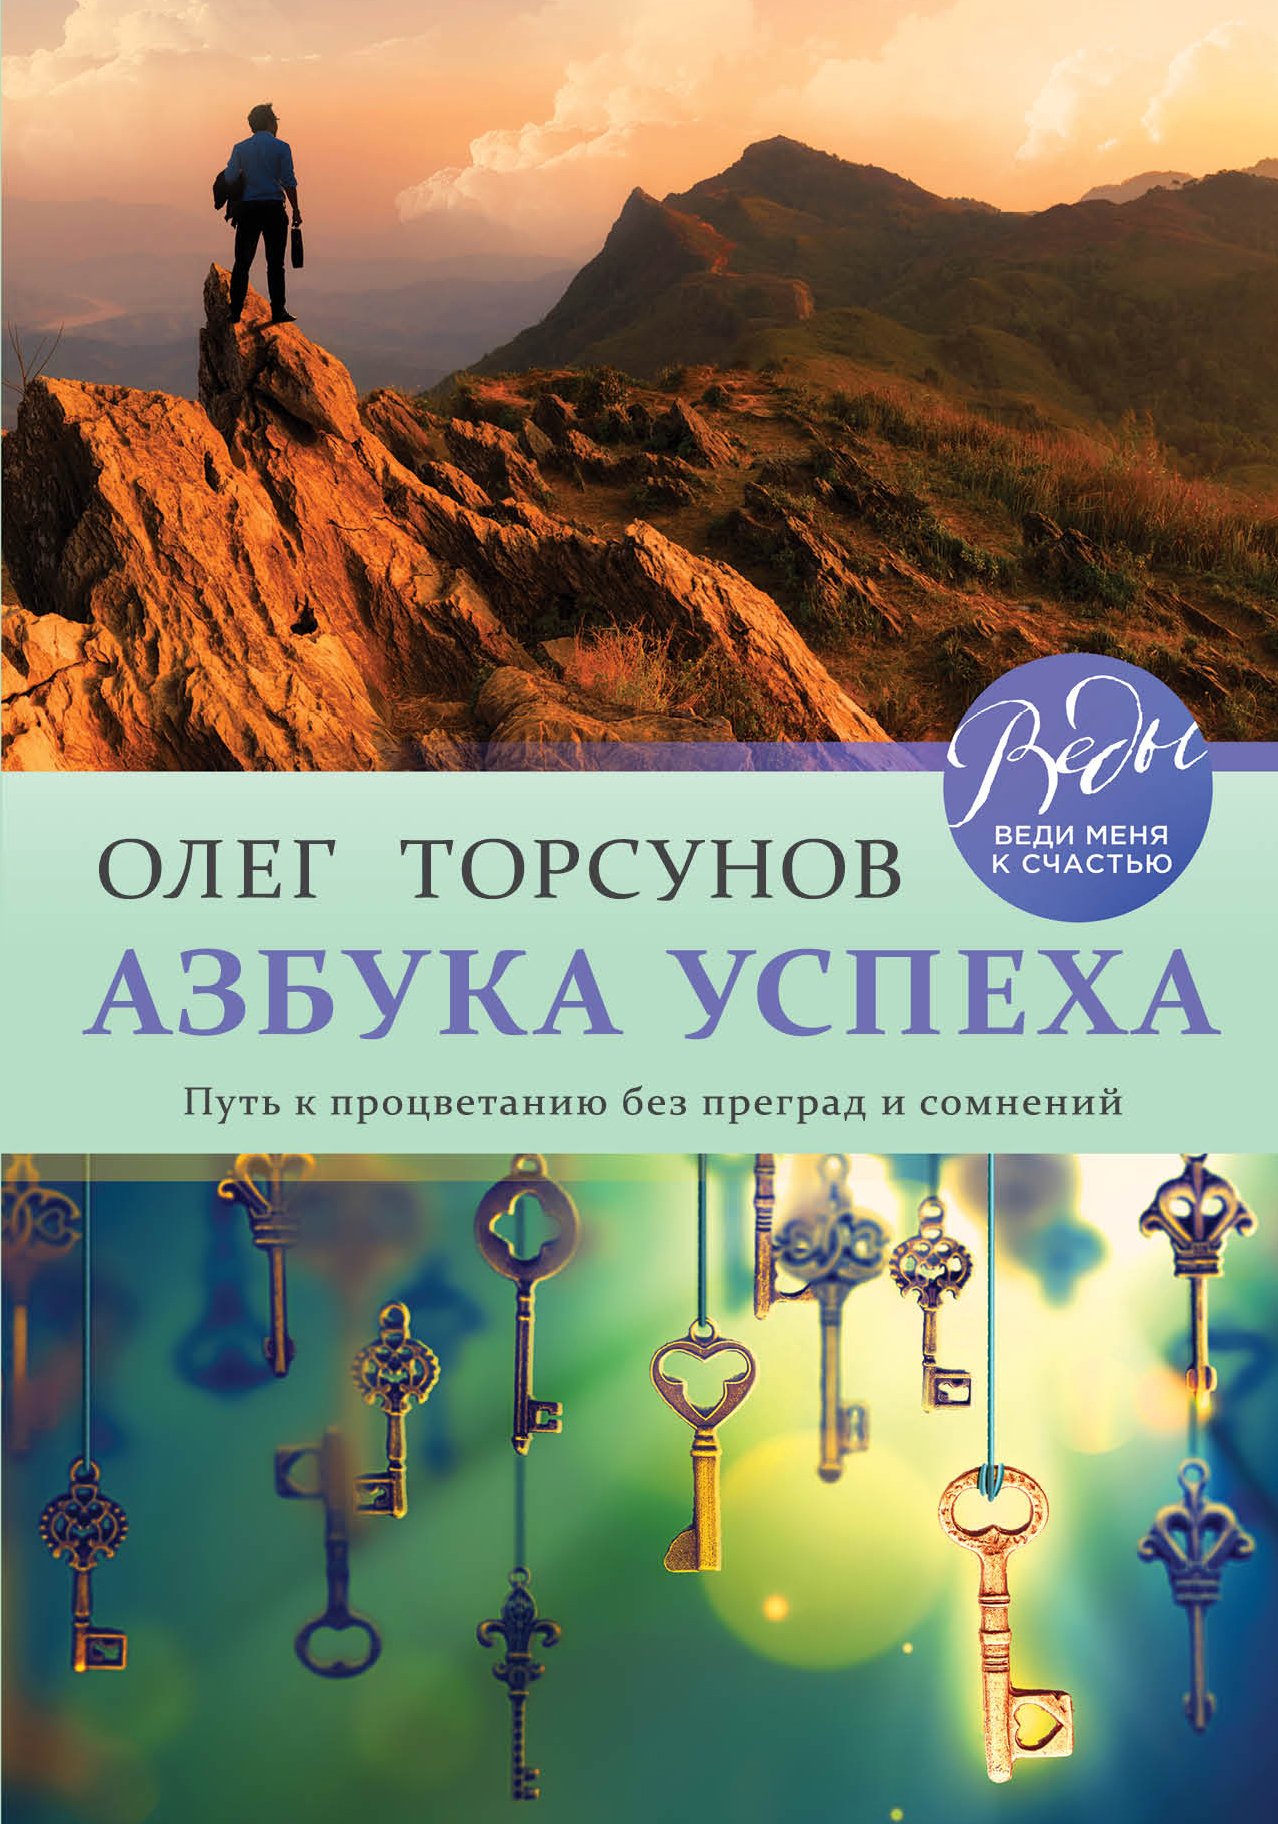 Олег Торсунов - Азбука успеха. Путь к процветанию без преград и сомнений